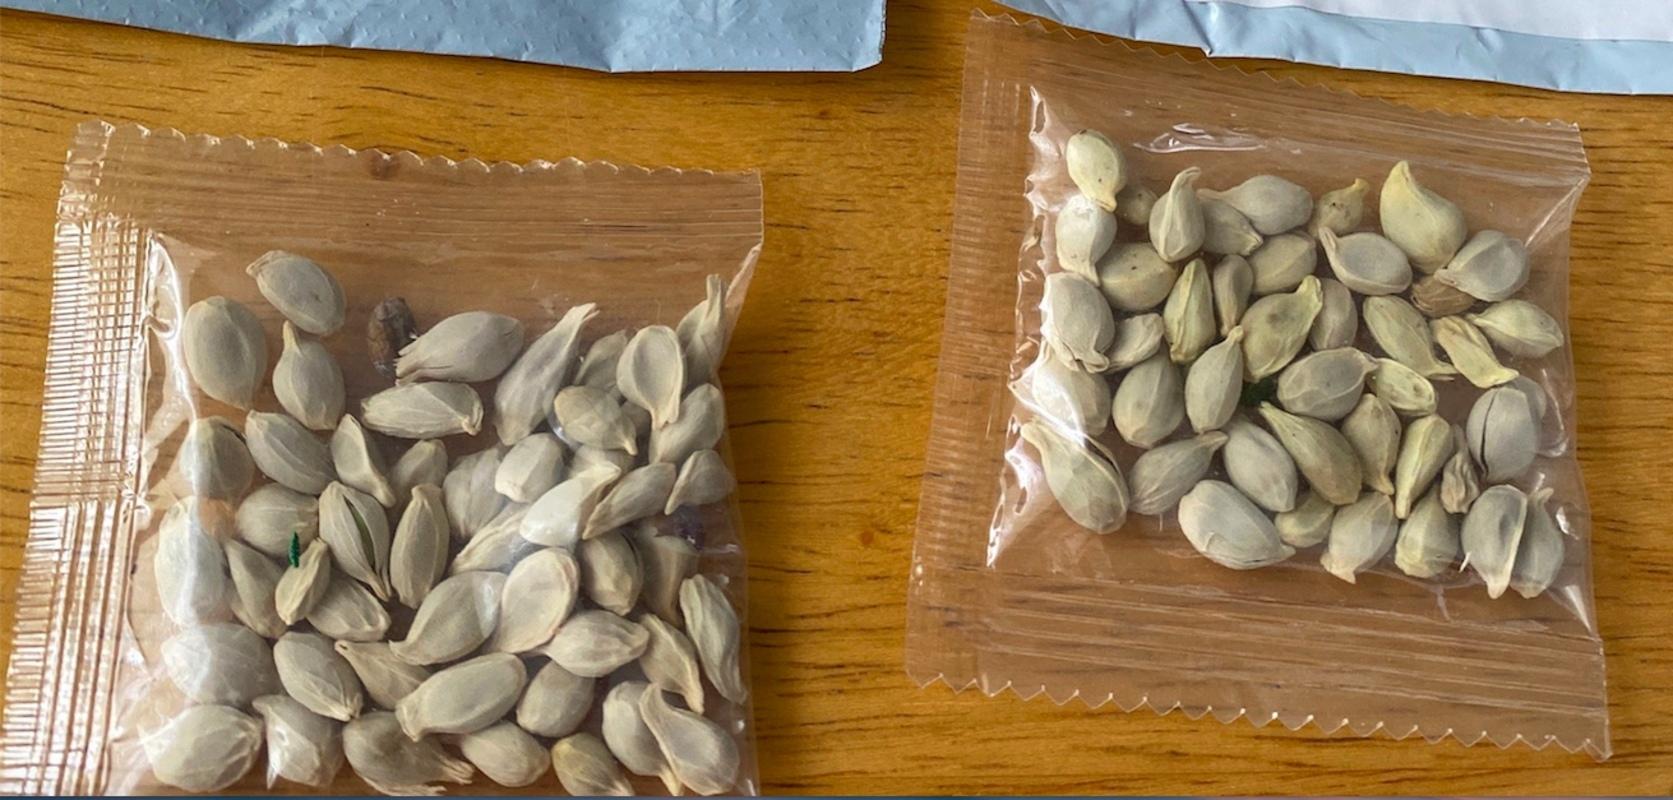 Si vous recevez ces sachets de graines venant de Chine, ne les plantez surtout pas